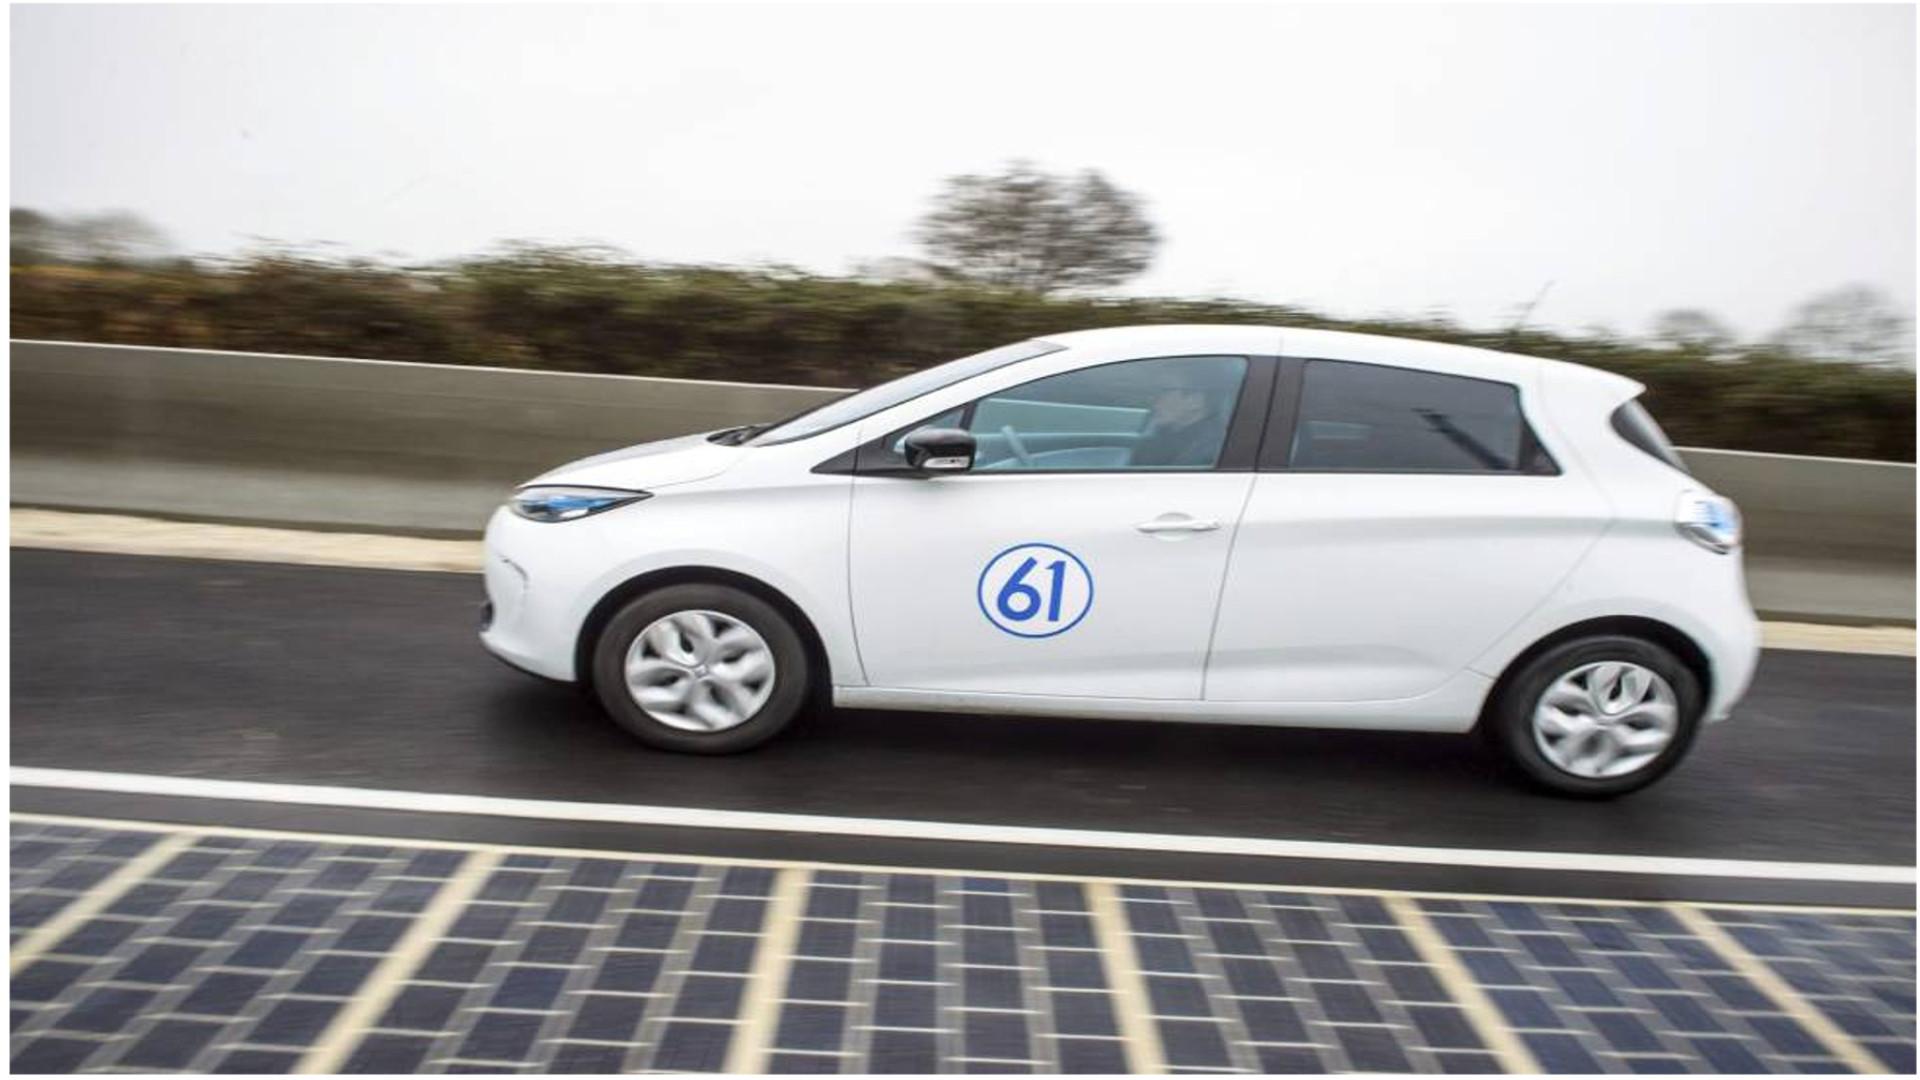 Francia tiene la primera carretera solar del mundo.1920